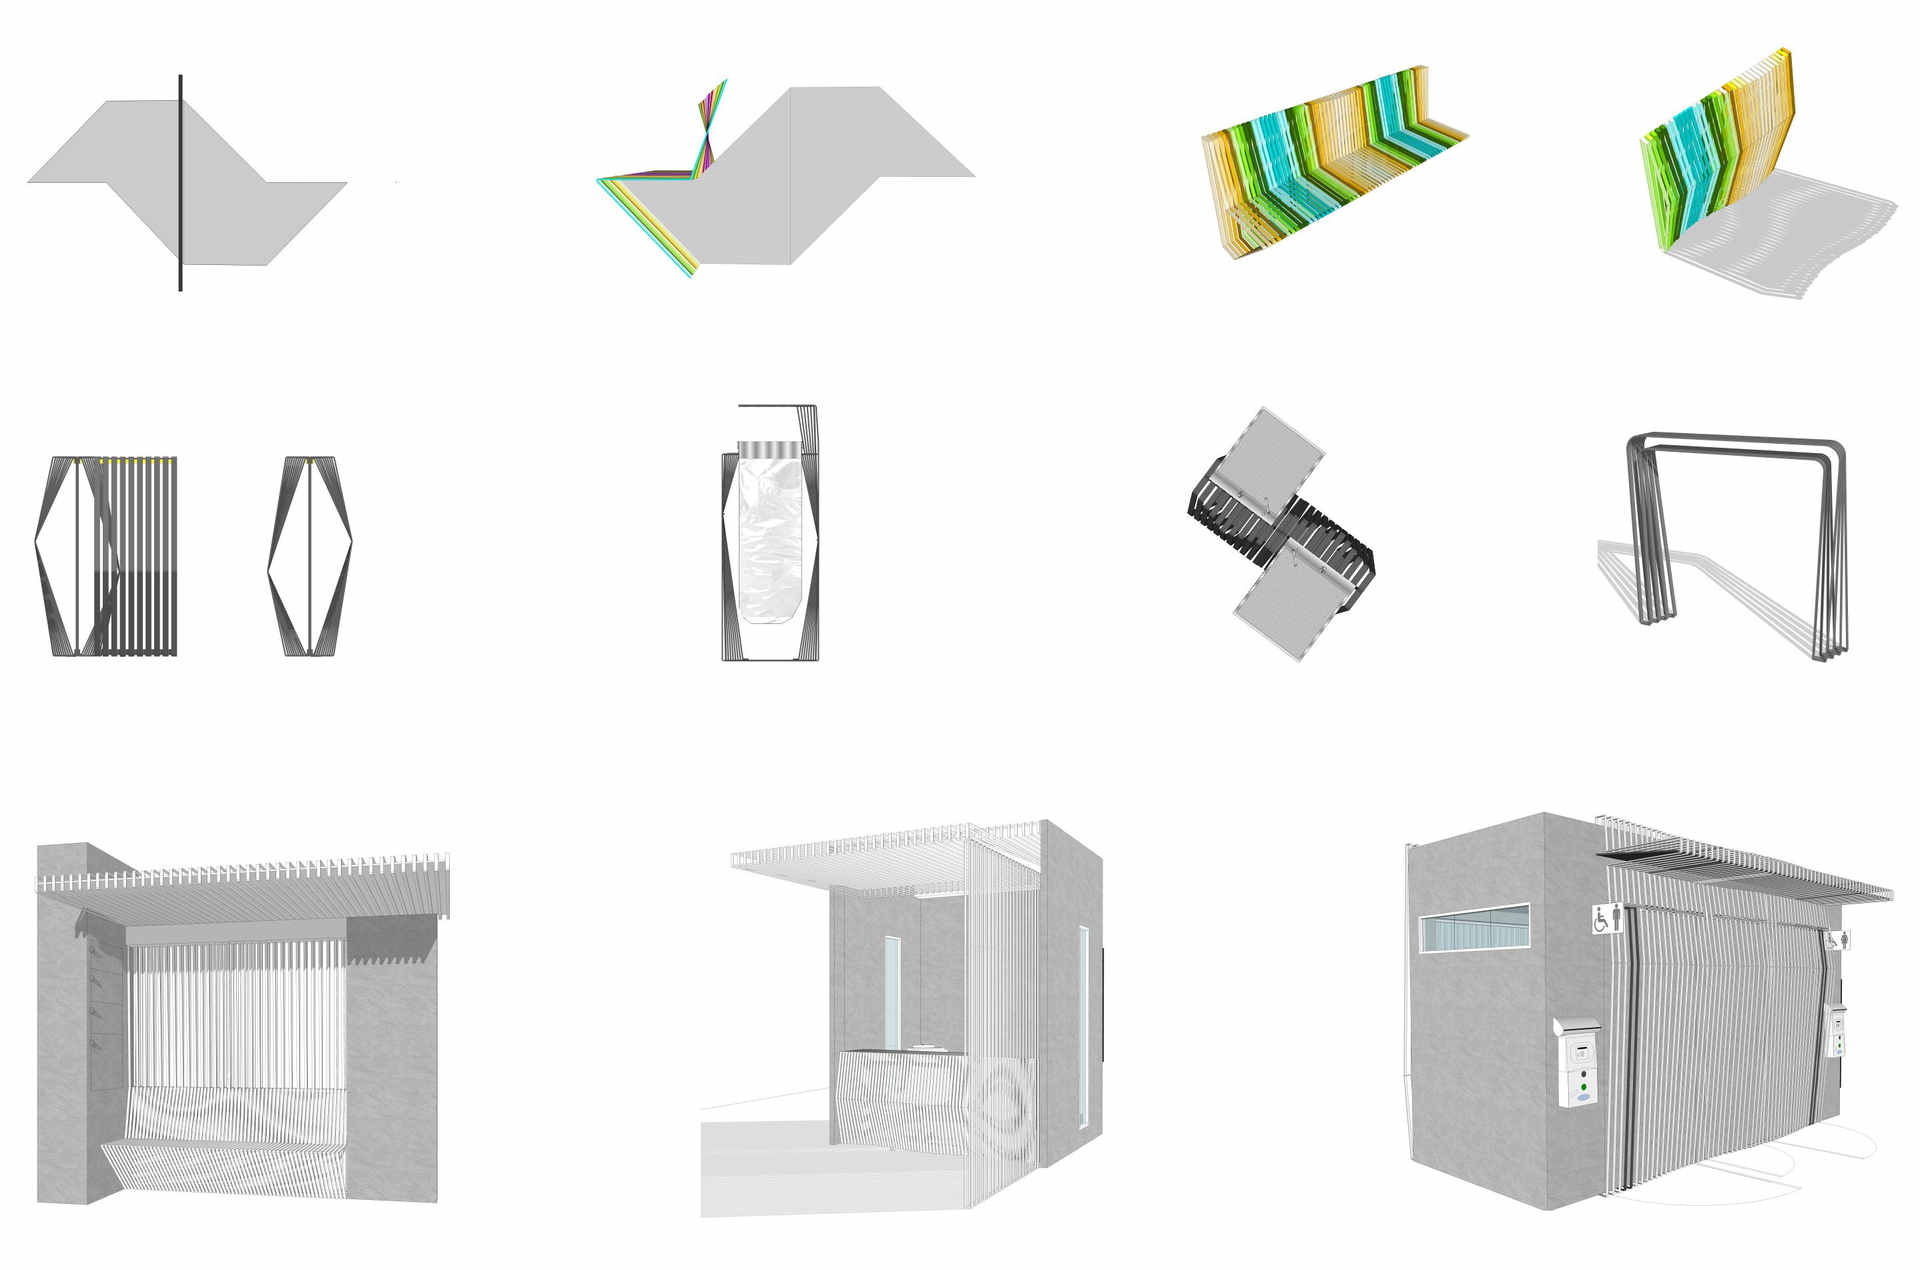 sequencia de criação conceito mobiliário urbano